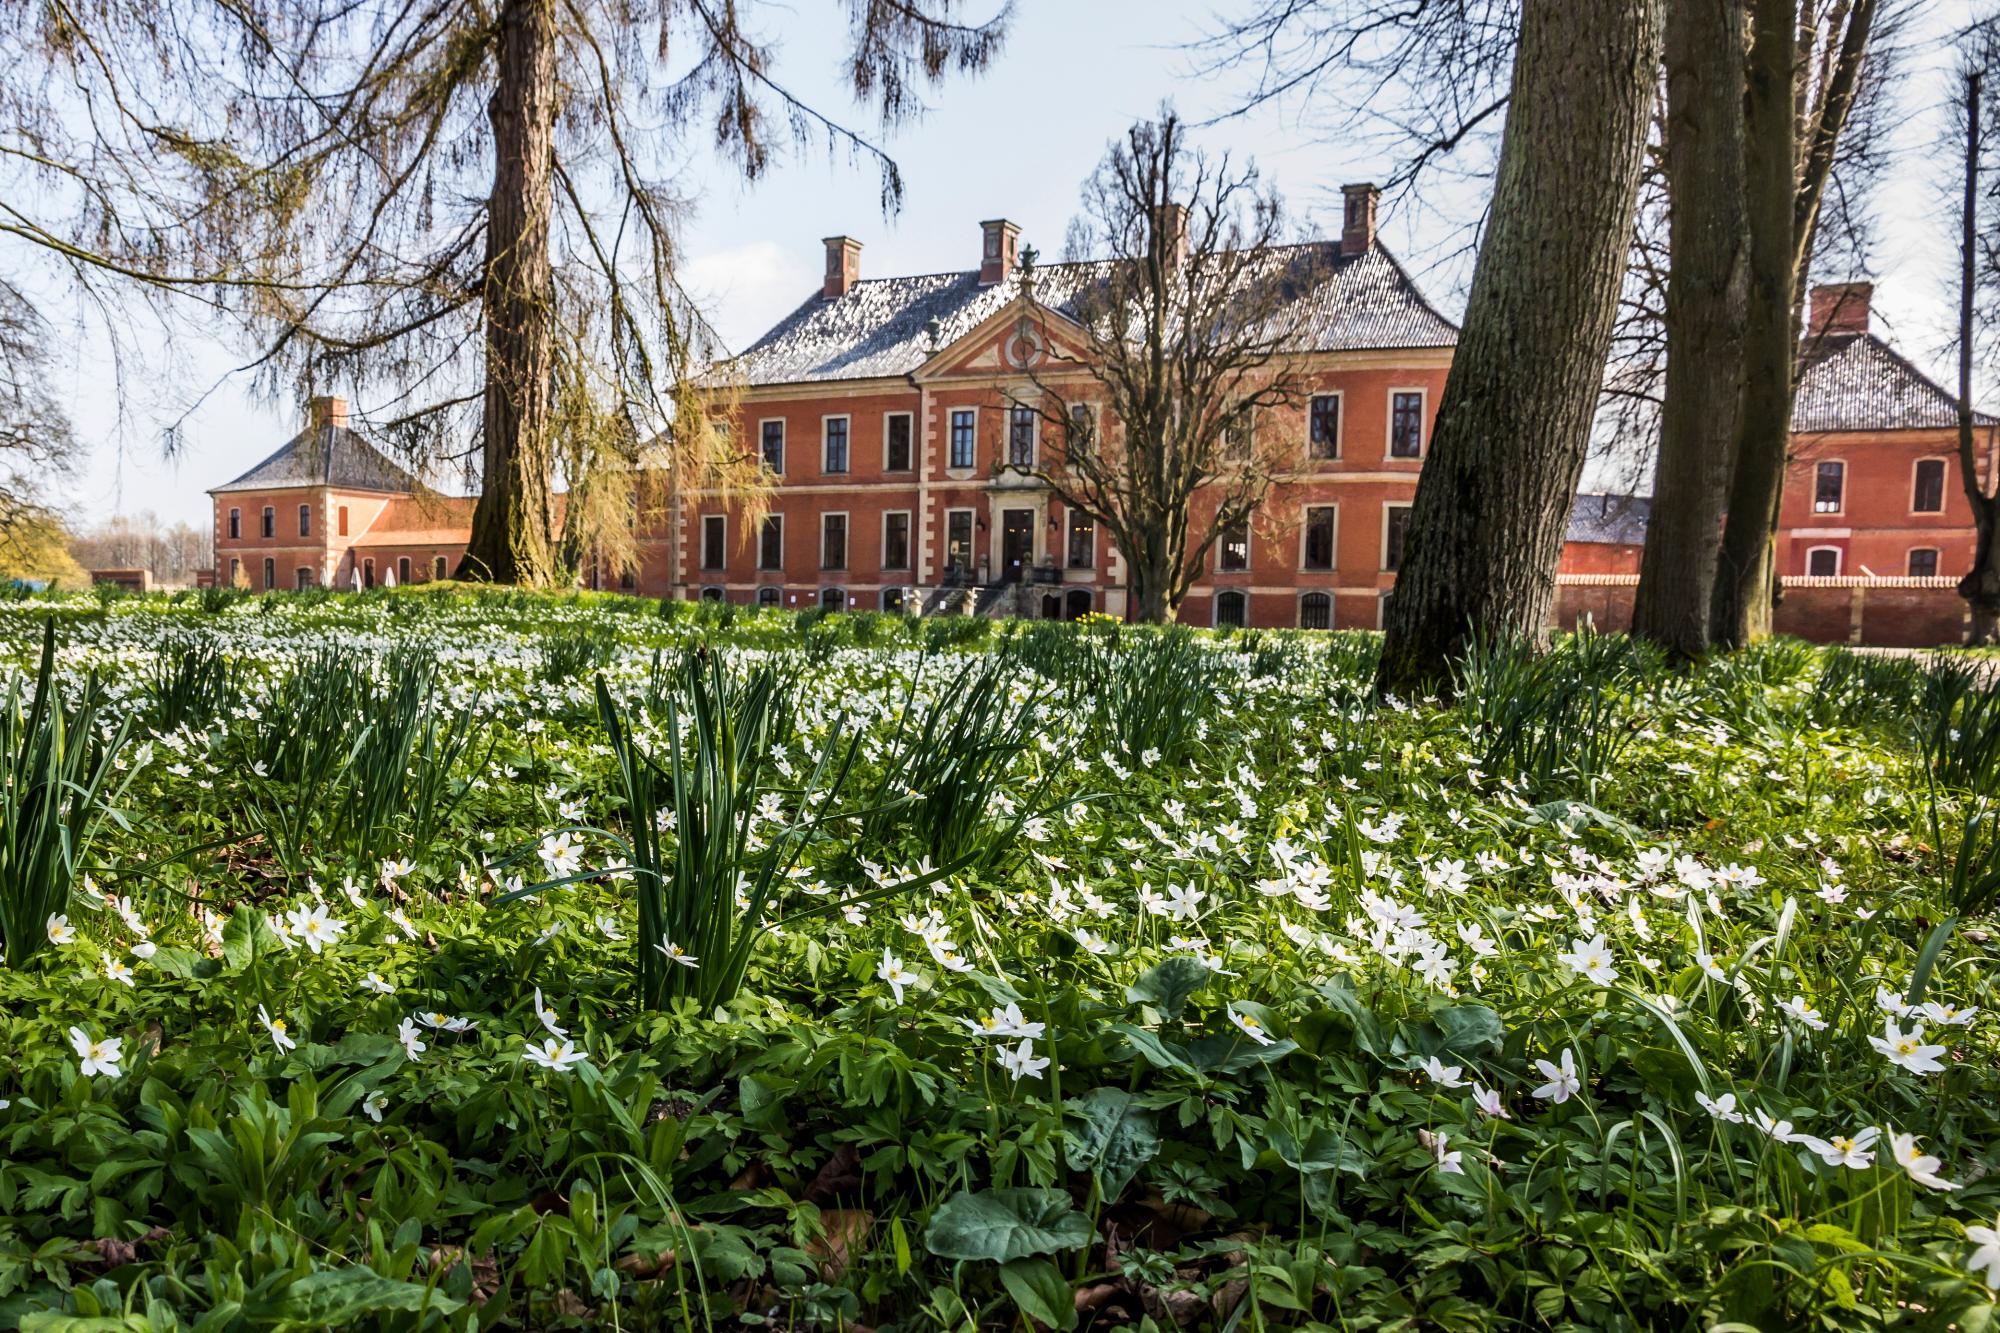 Der Schlosspark in Frühlingsfarben – Schöner Kontrast zum roten Ziegelbau von Schloss Bothmer